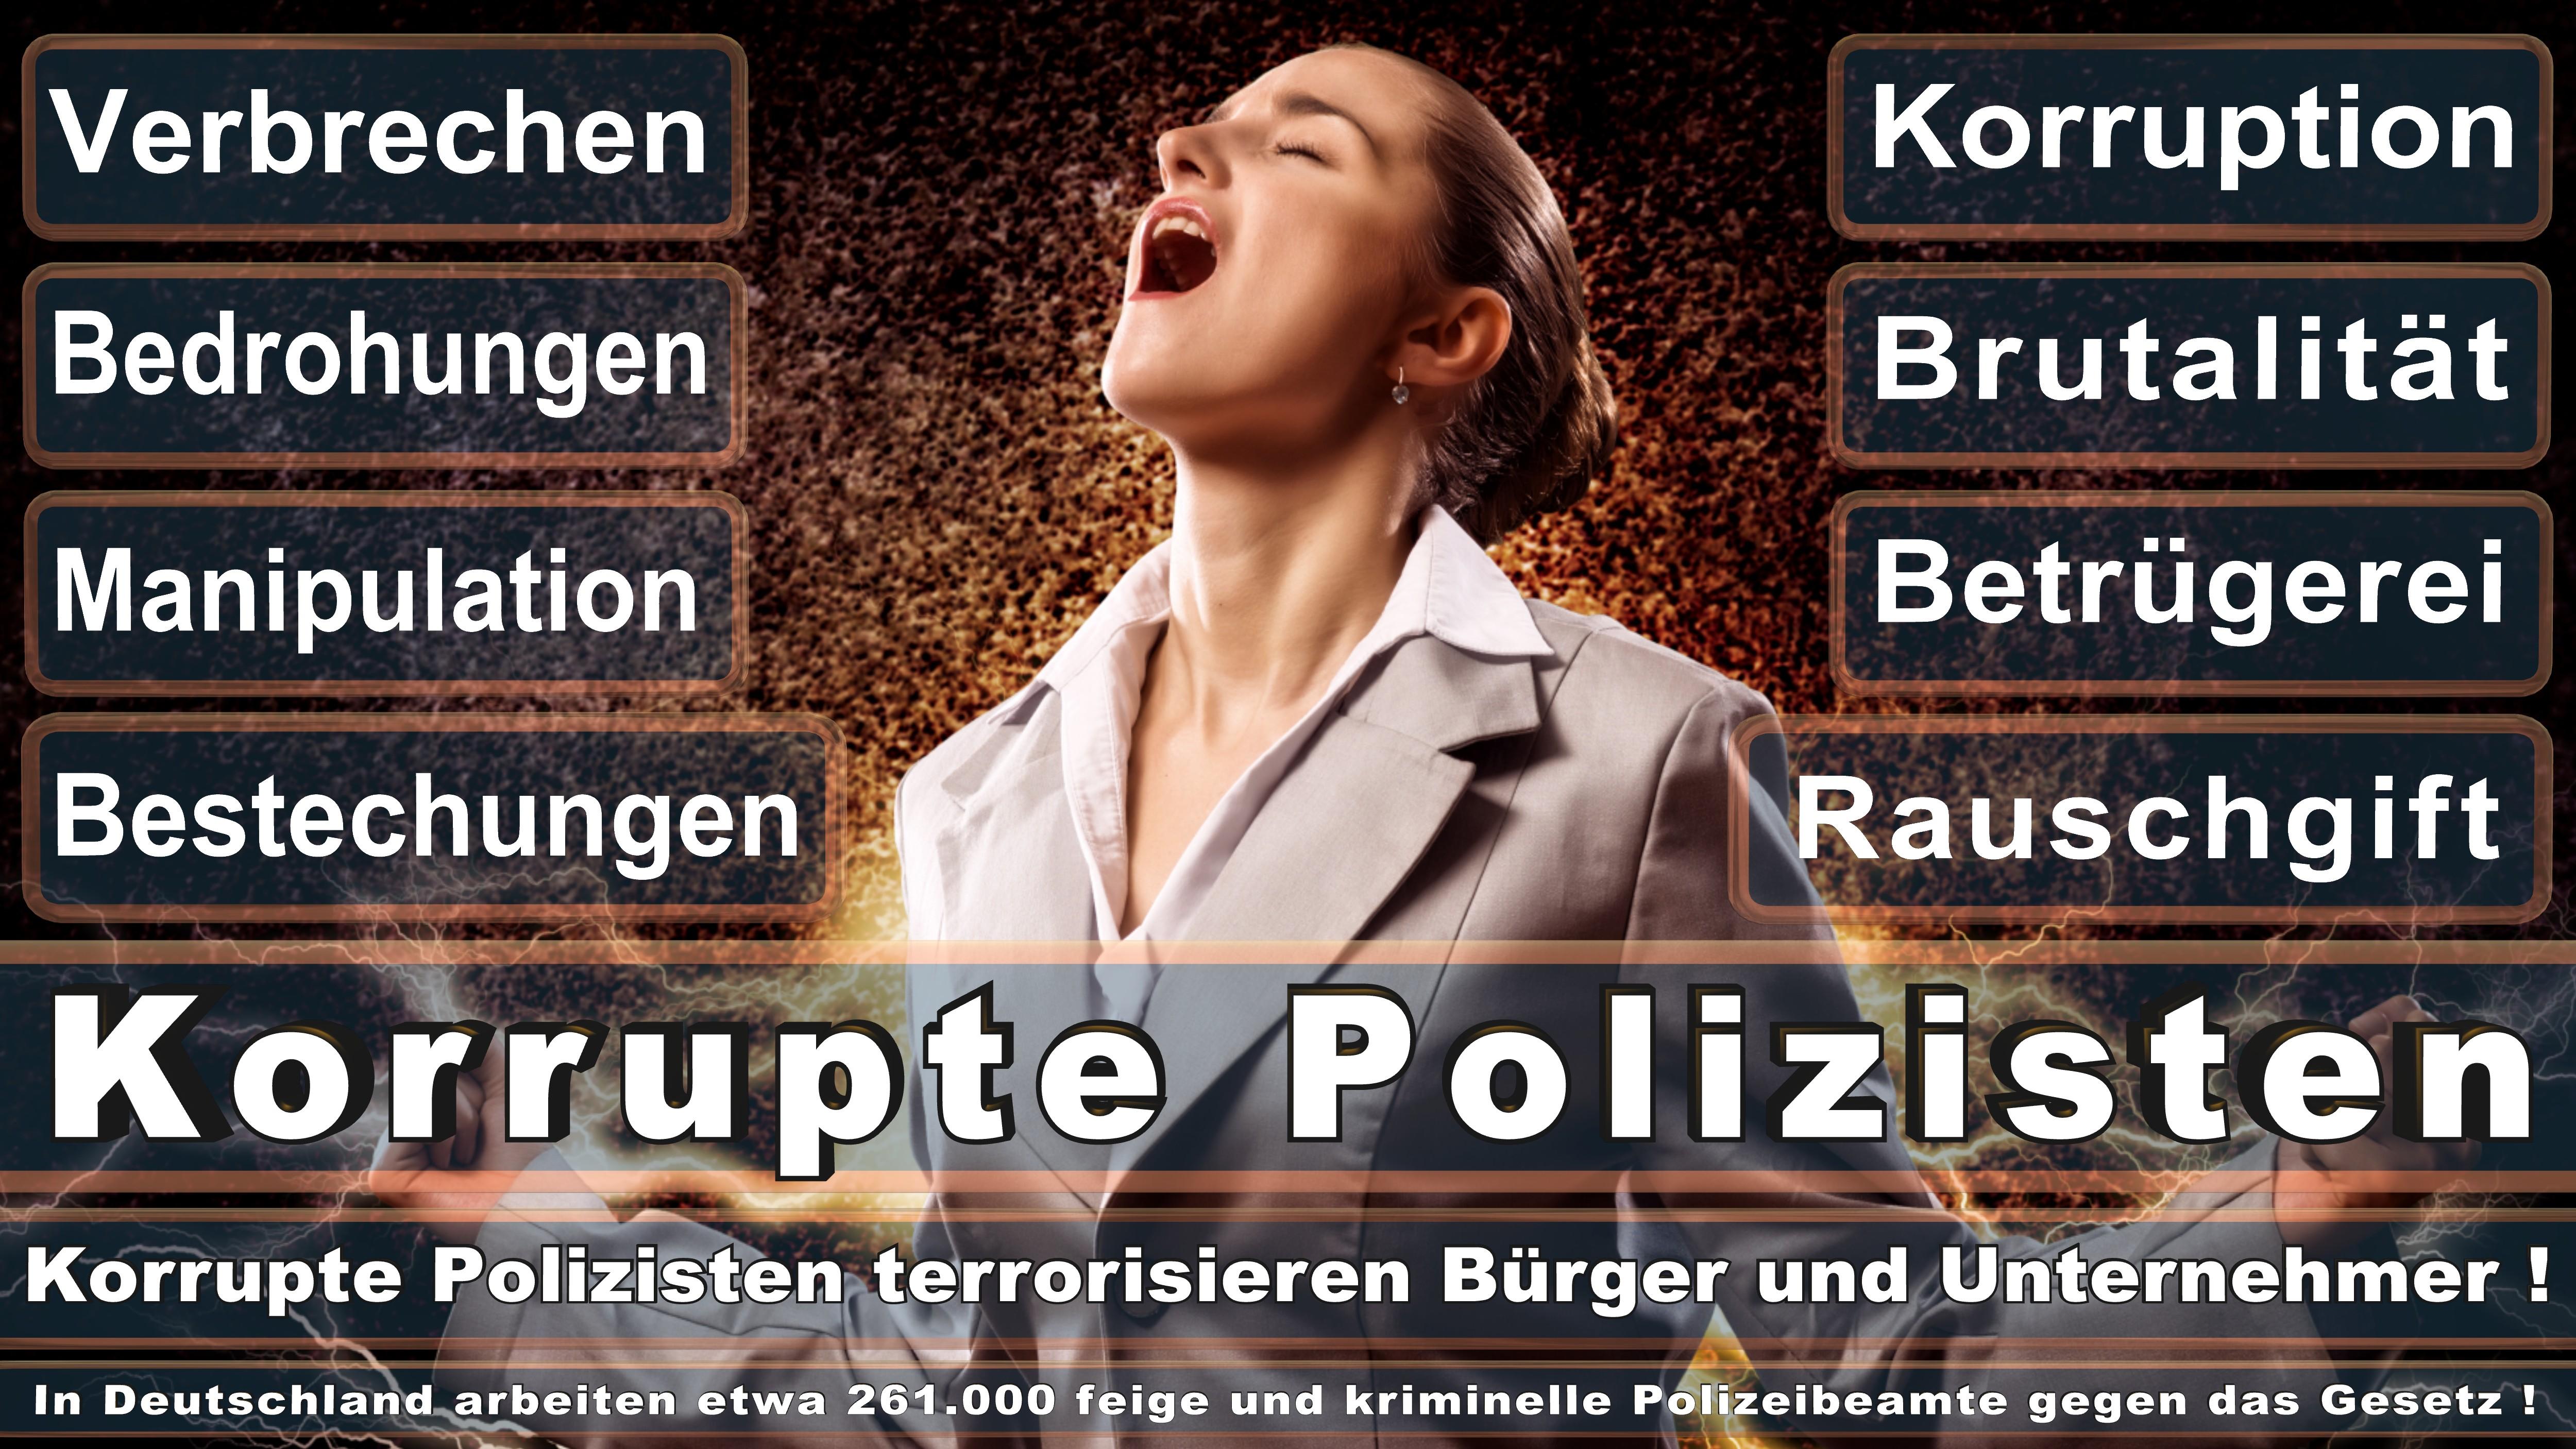 Polizei-Bielefeld (173) Bewerbung, Uniform, Bundespolizei, sucht, Wasserschutzpolizei, Karriere, Landespolizei, Schutzpolizei, Kriminalpolizei,